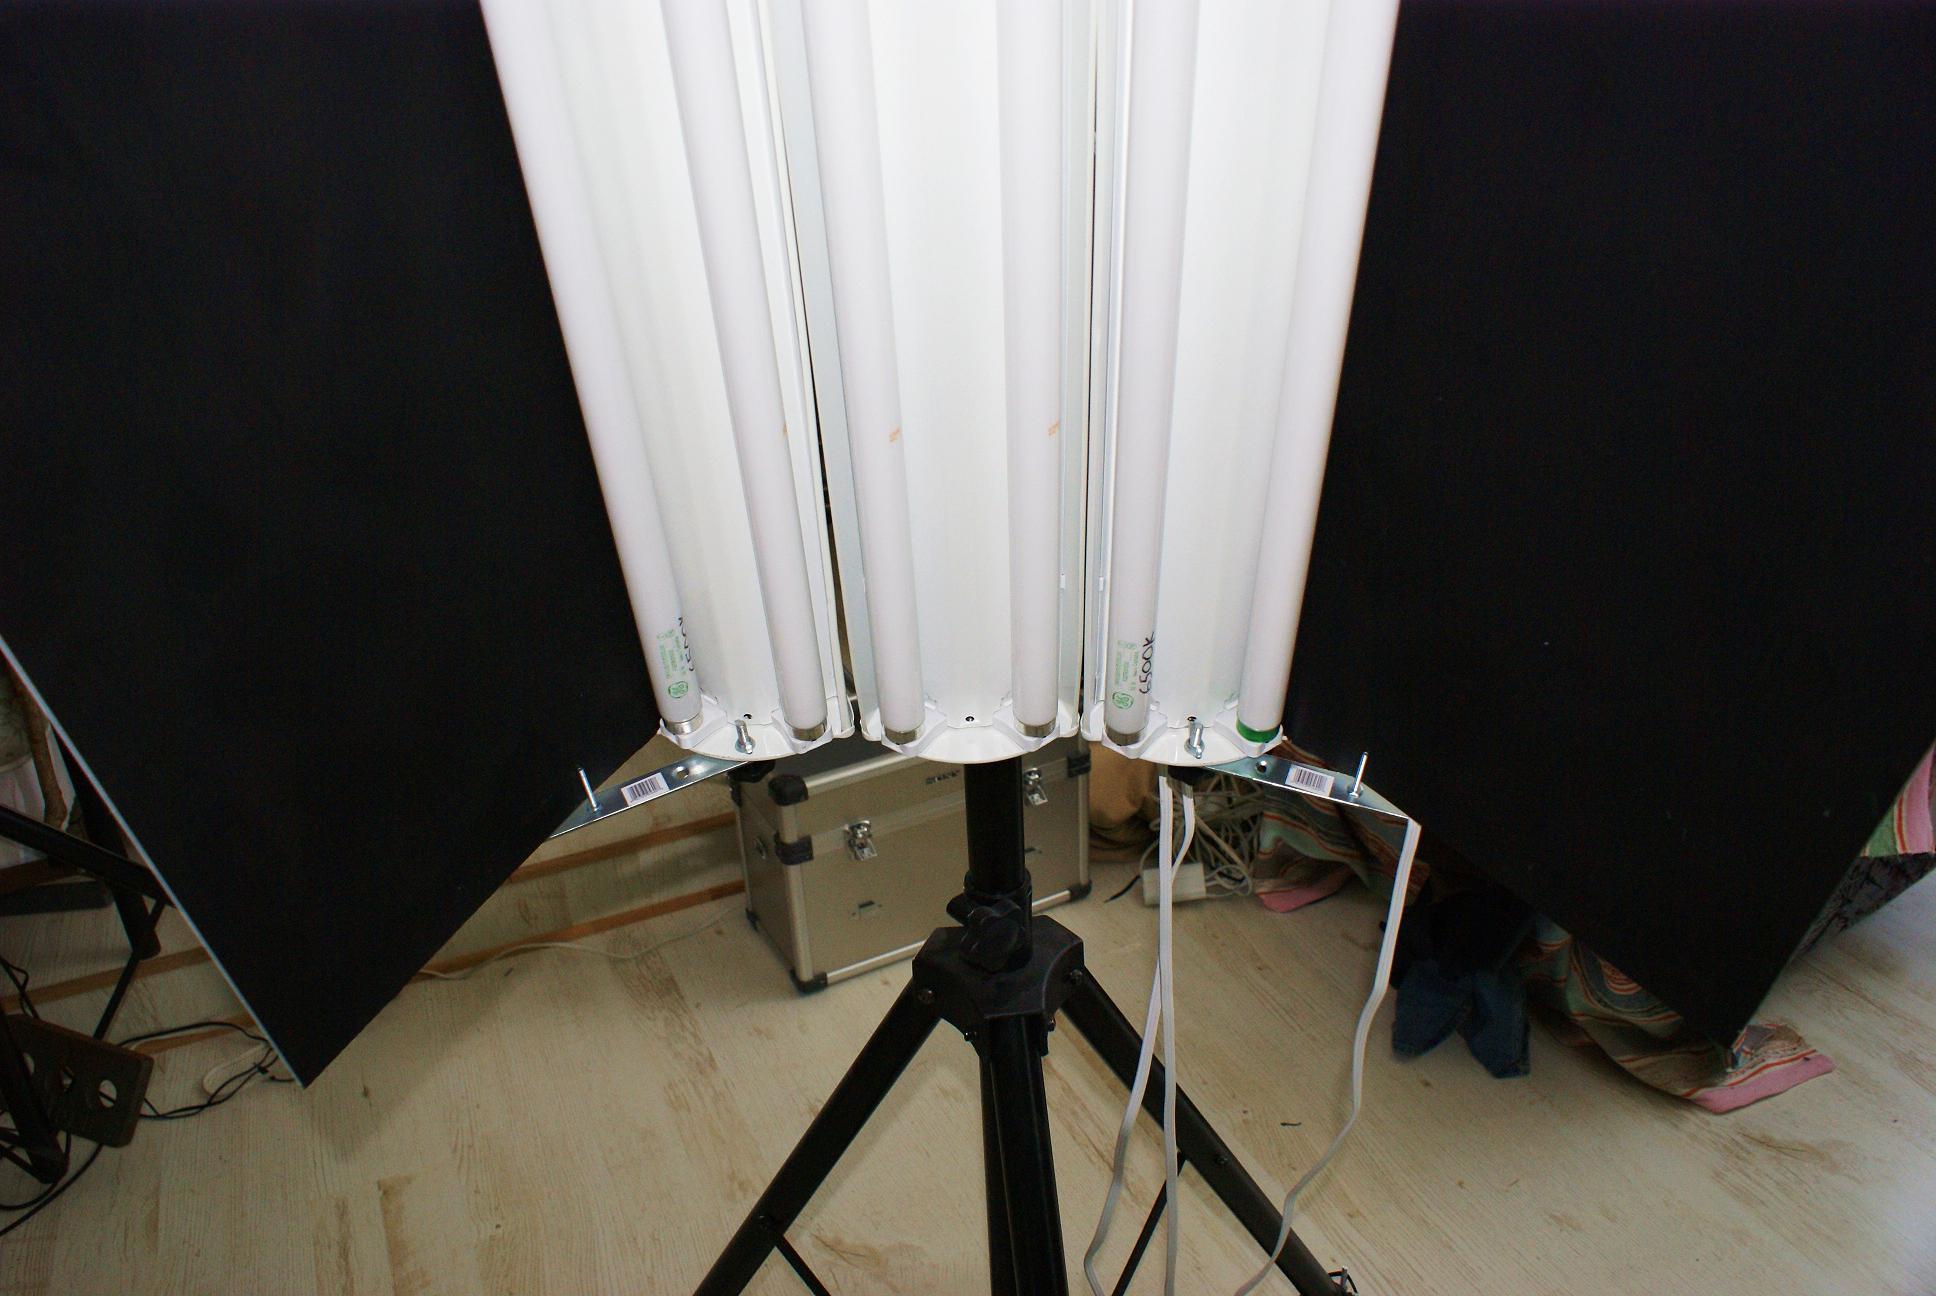 diy lighting kit. DIY Lighting Kit - Opinions-dsc00916-.jpg Diy